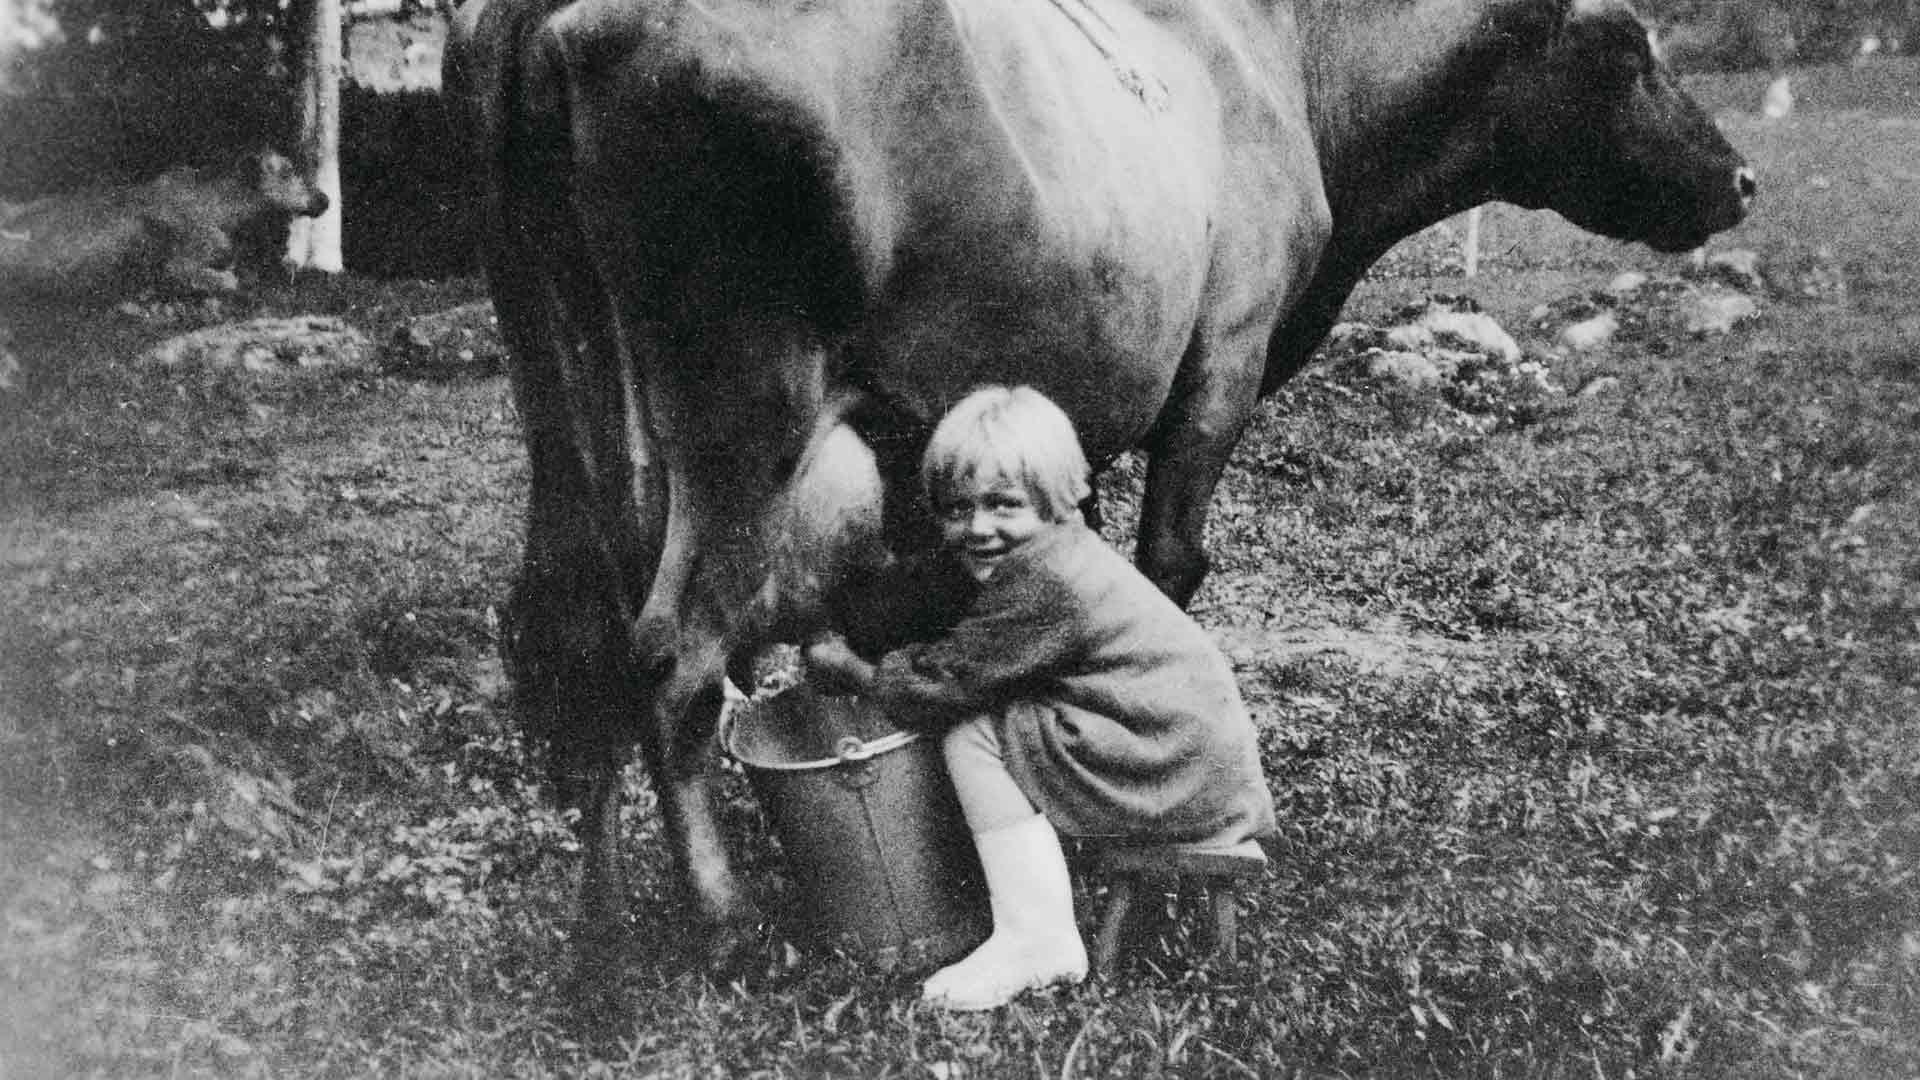 Pieni tyttö lypsää lehmää, 'Samelan siitoskeskuskarjan lehmä Onnen-Apila seisoo rauhallisena ja tyytyväisenä kun 5-vuotias siirtolaistyttö Pirkko Storhammar sitä lypsää.'